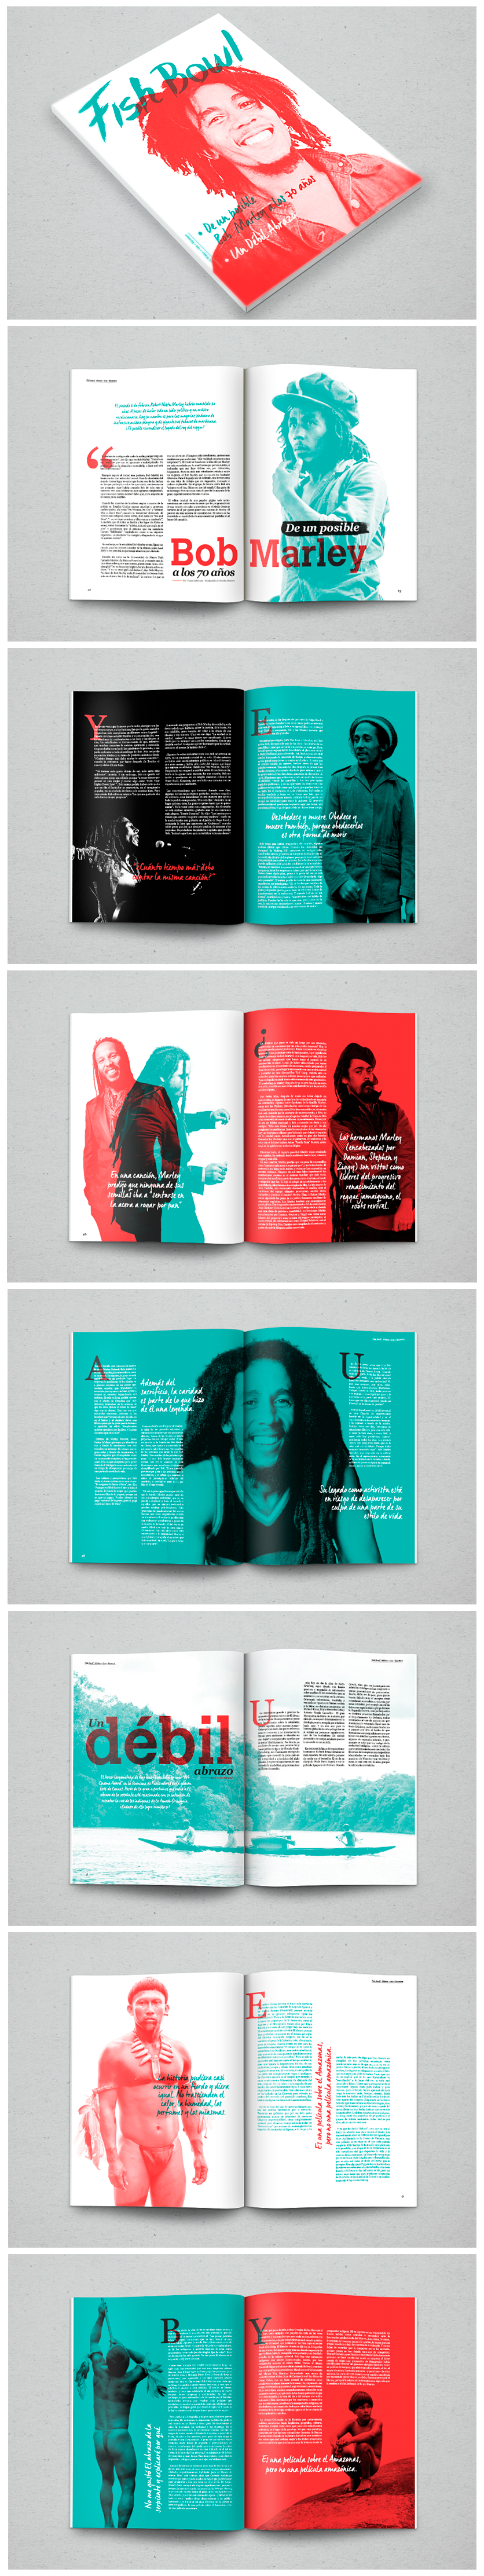 Revista Fish Bowl, es un proyecto académico creado para el taller de Diseño Editorial por Juan Manuel Zúñiga.